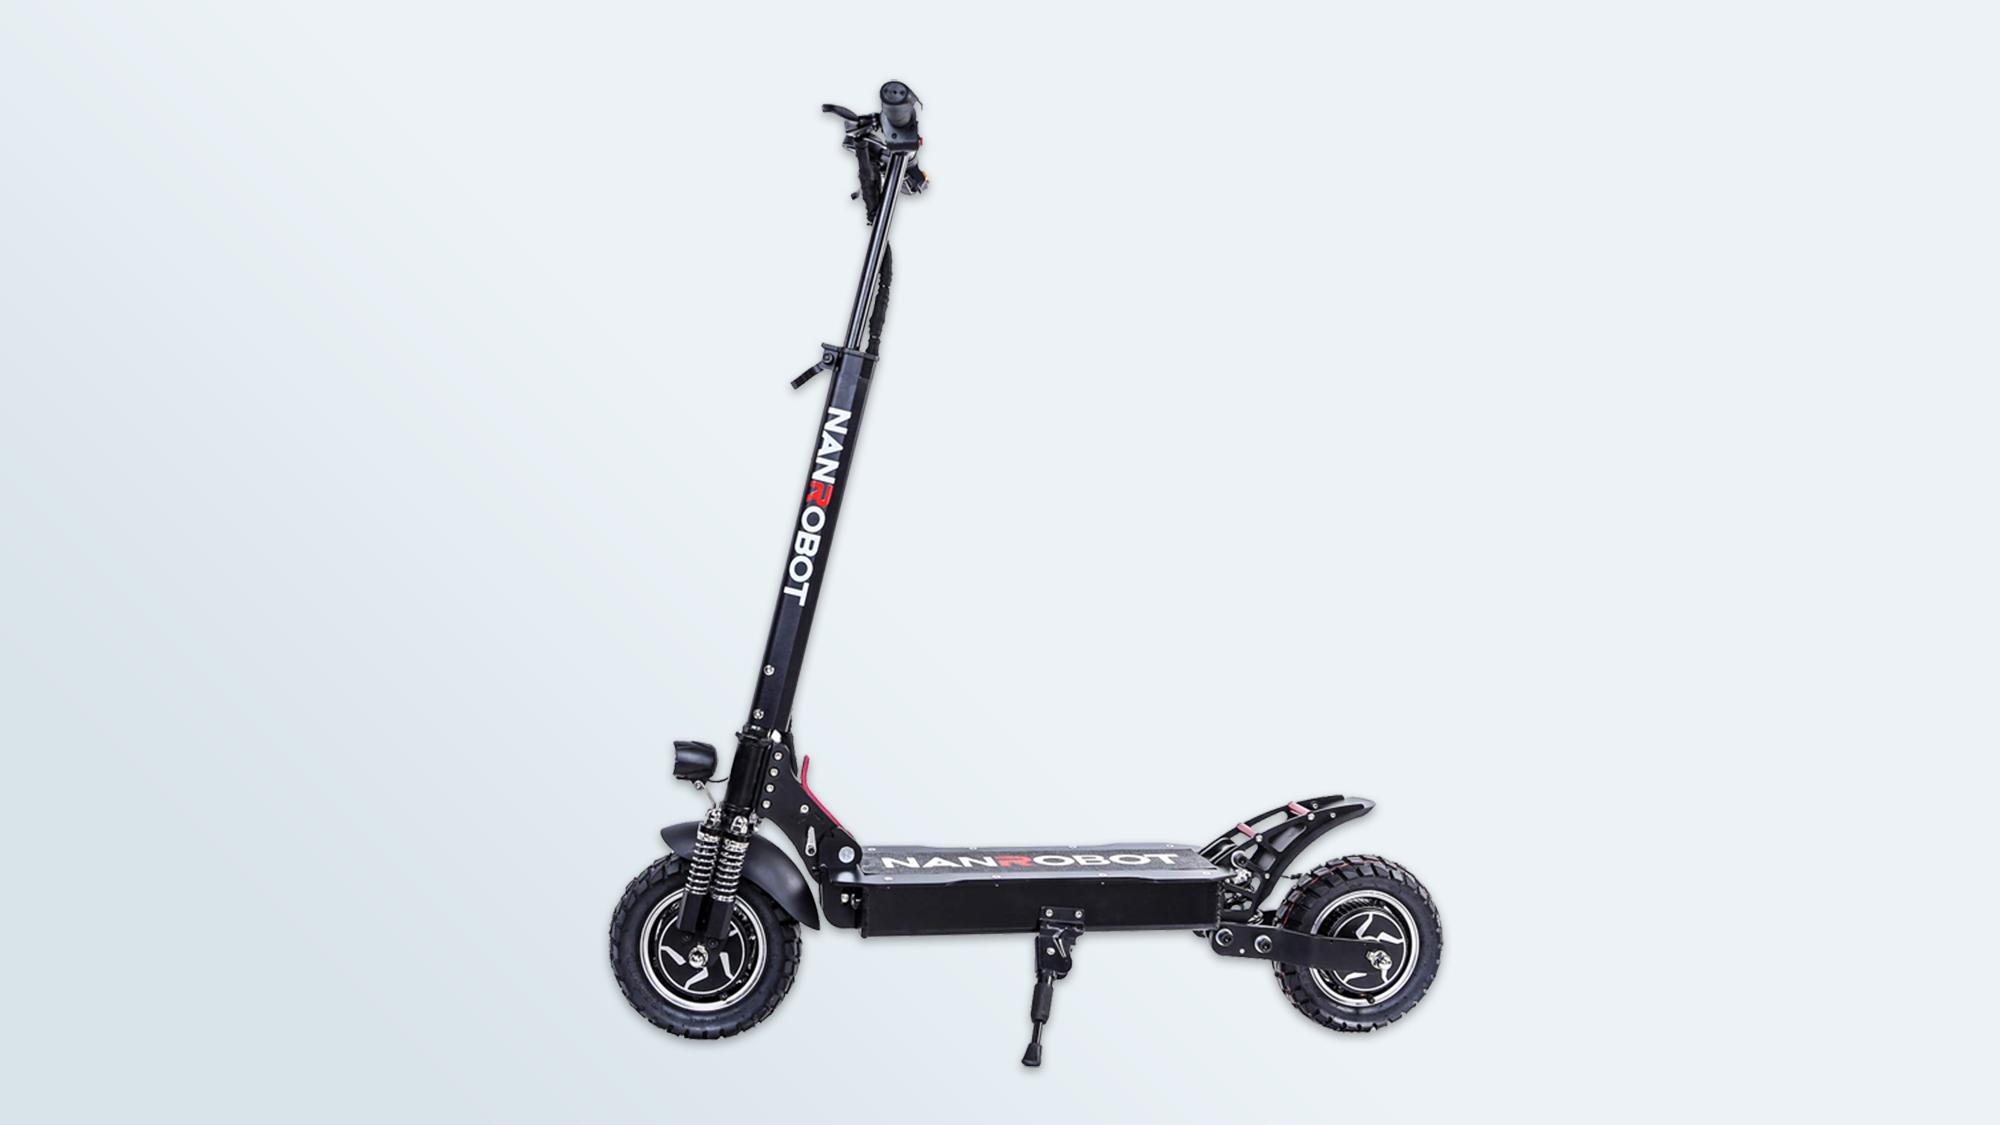 Melhores scooters elétricas: Nanrobot D4 +